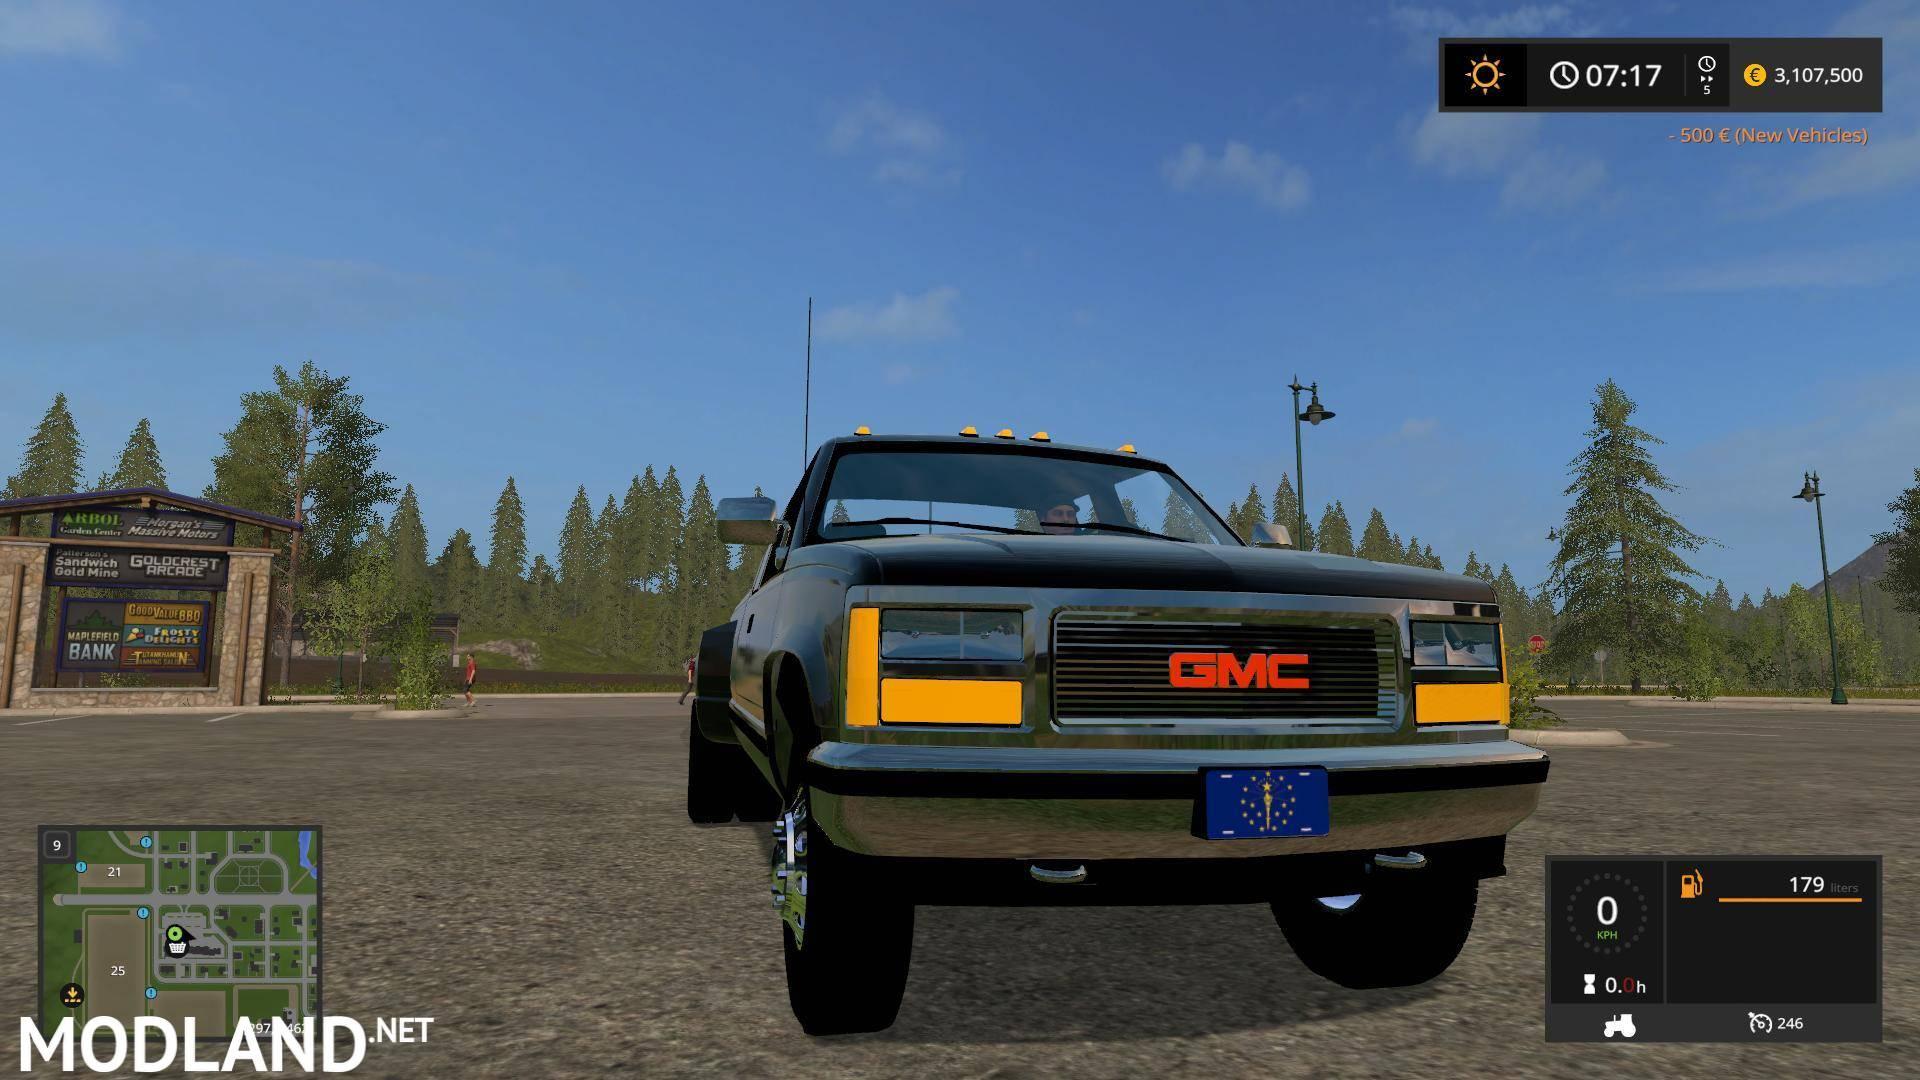 1992 GMC Sierra One Ton Truck v 1.0 mod Farming Simulator 17